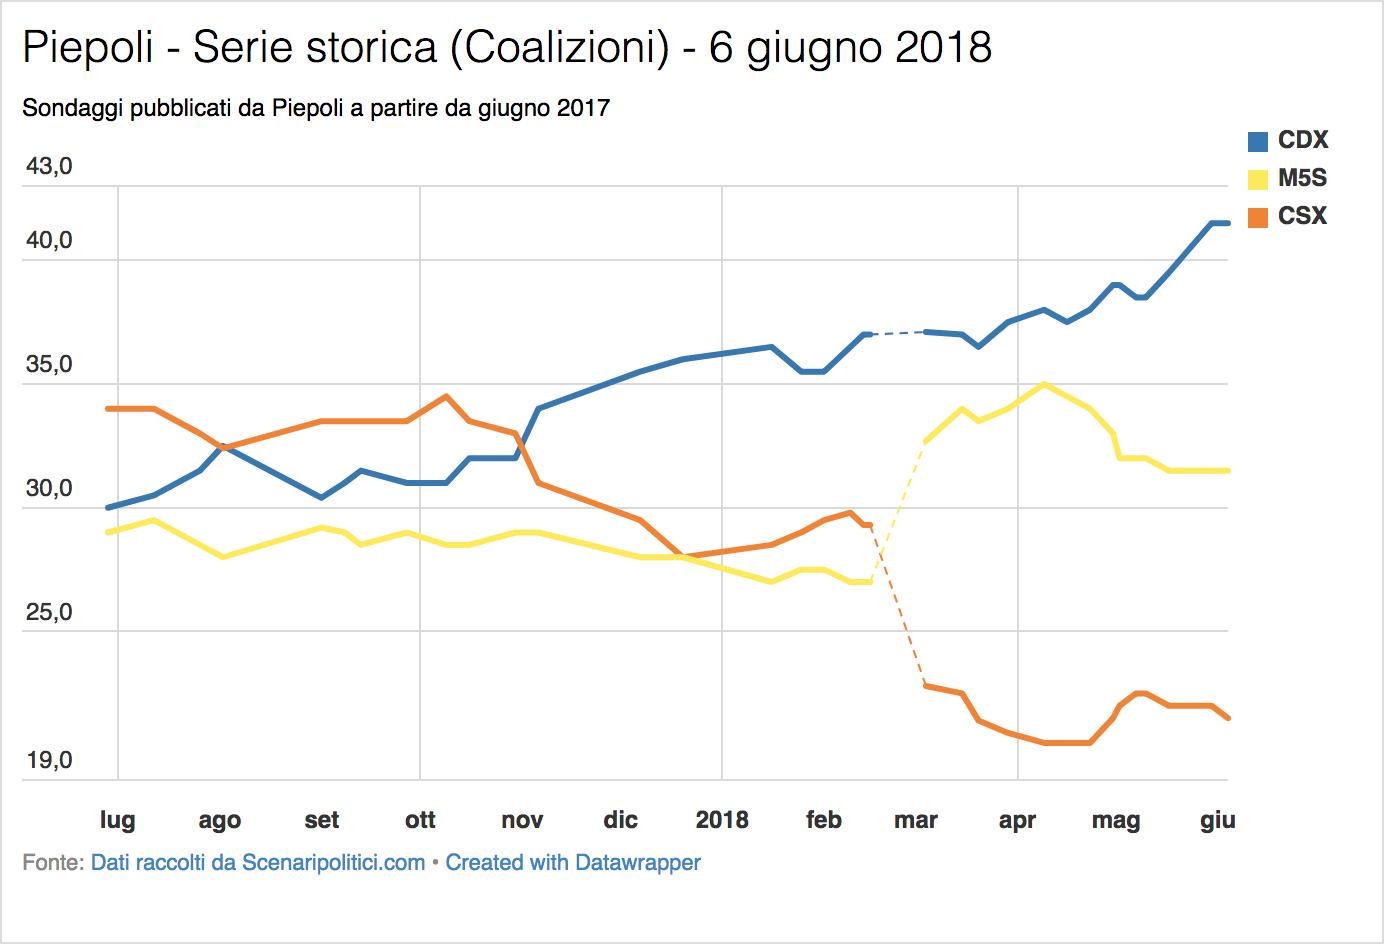 Sondaggio Piepoli (6 giugno 2018)